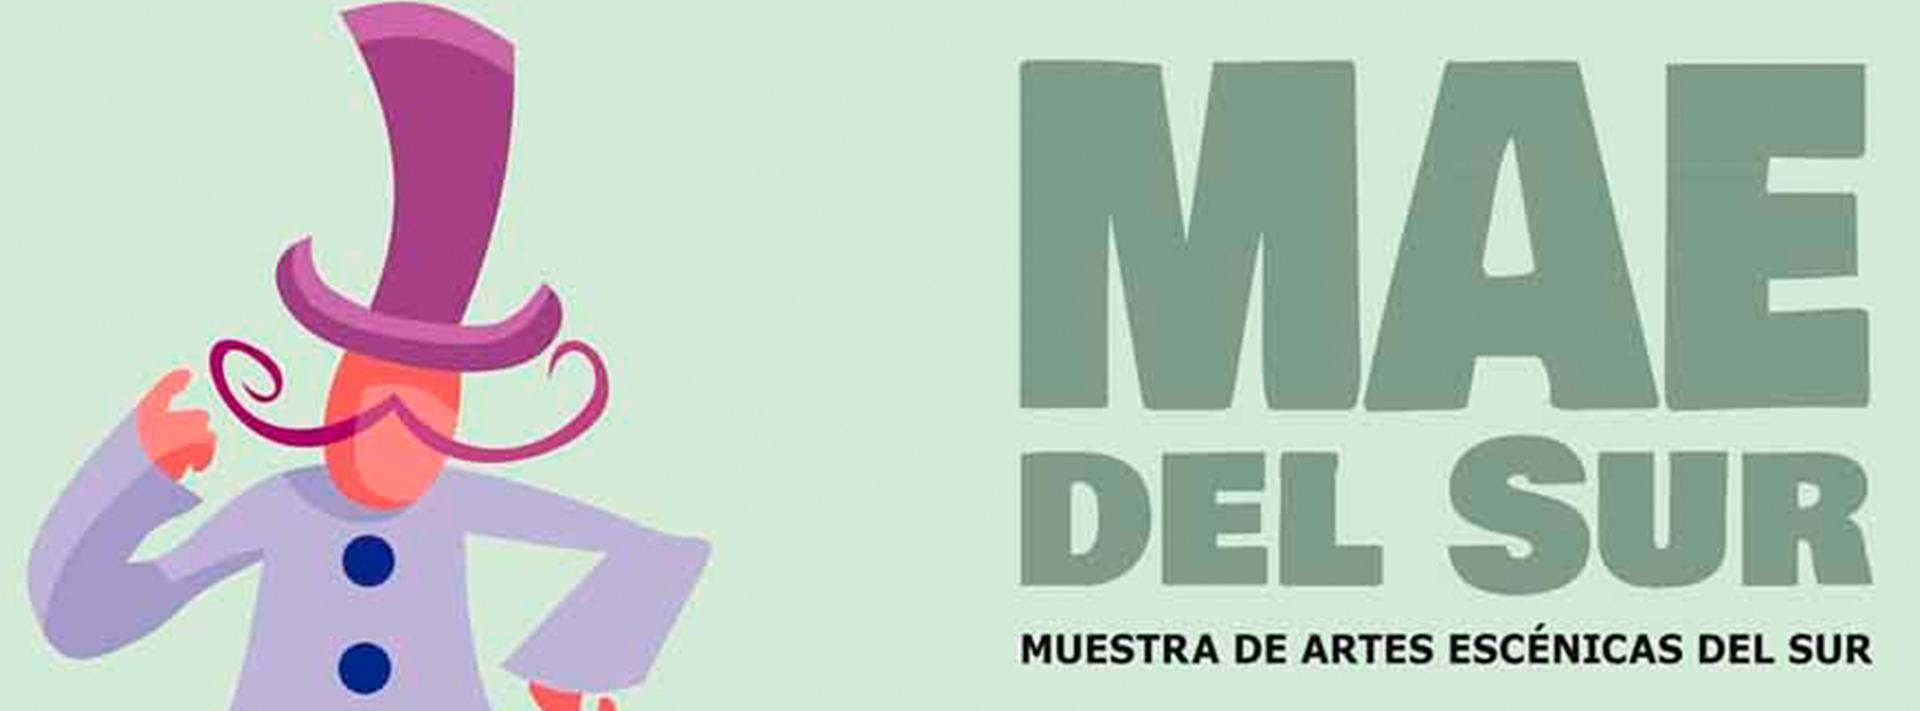 Muestra de Artes Escénicas del Sur en San Pedro Alcántara